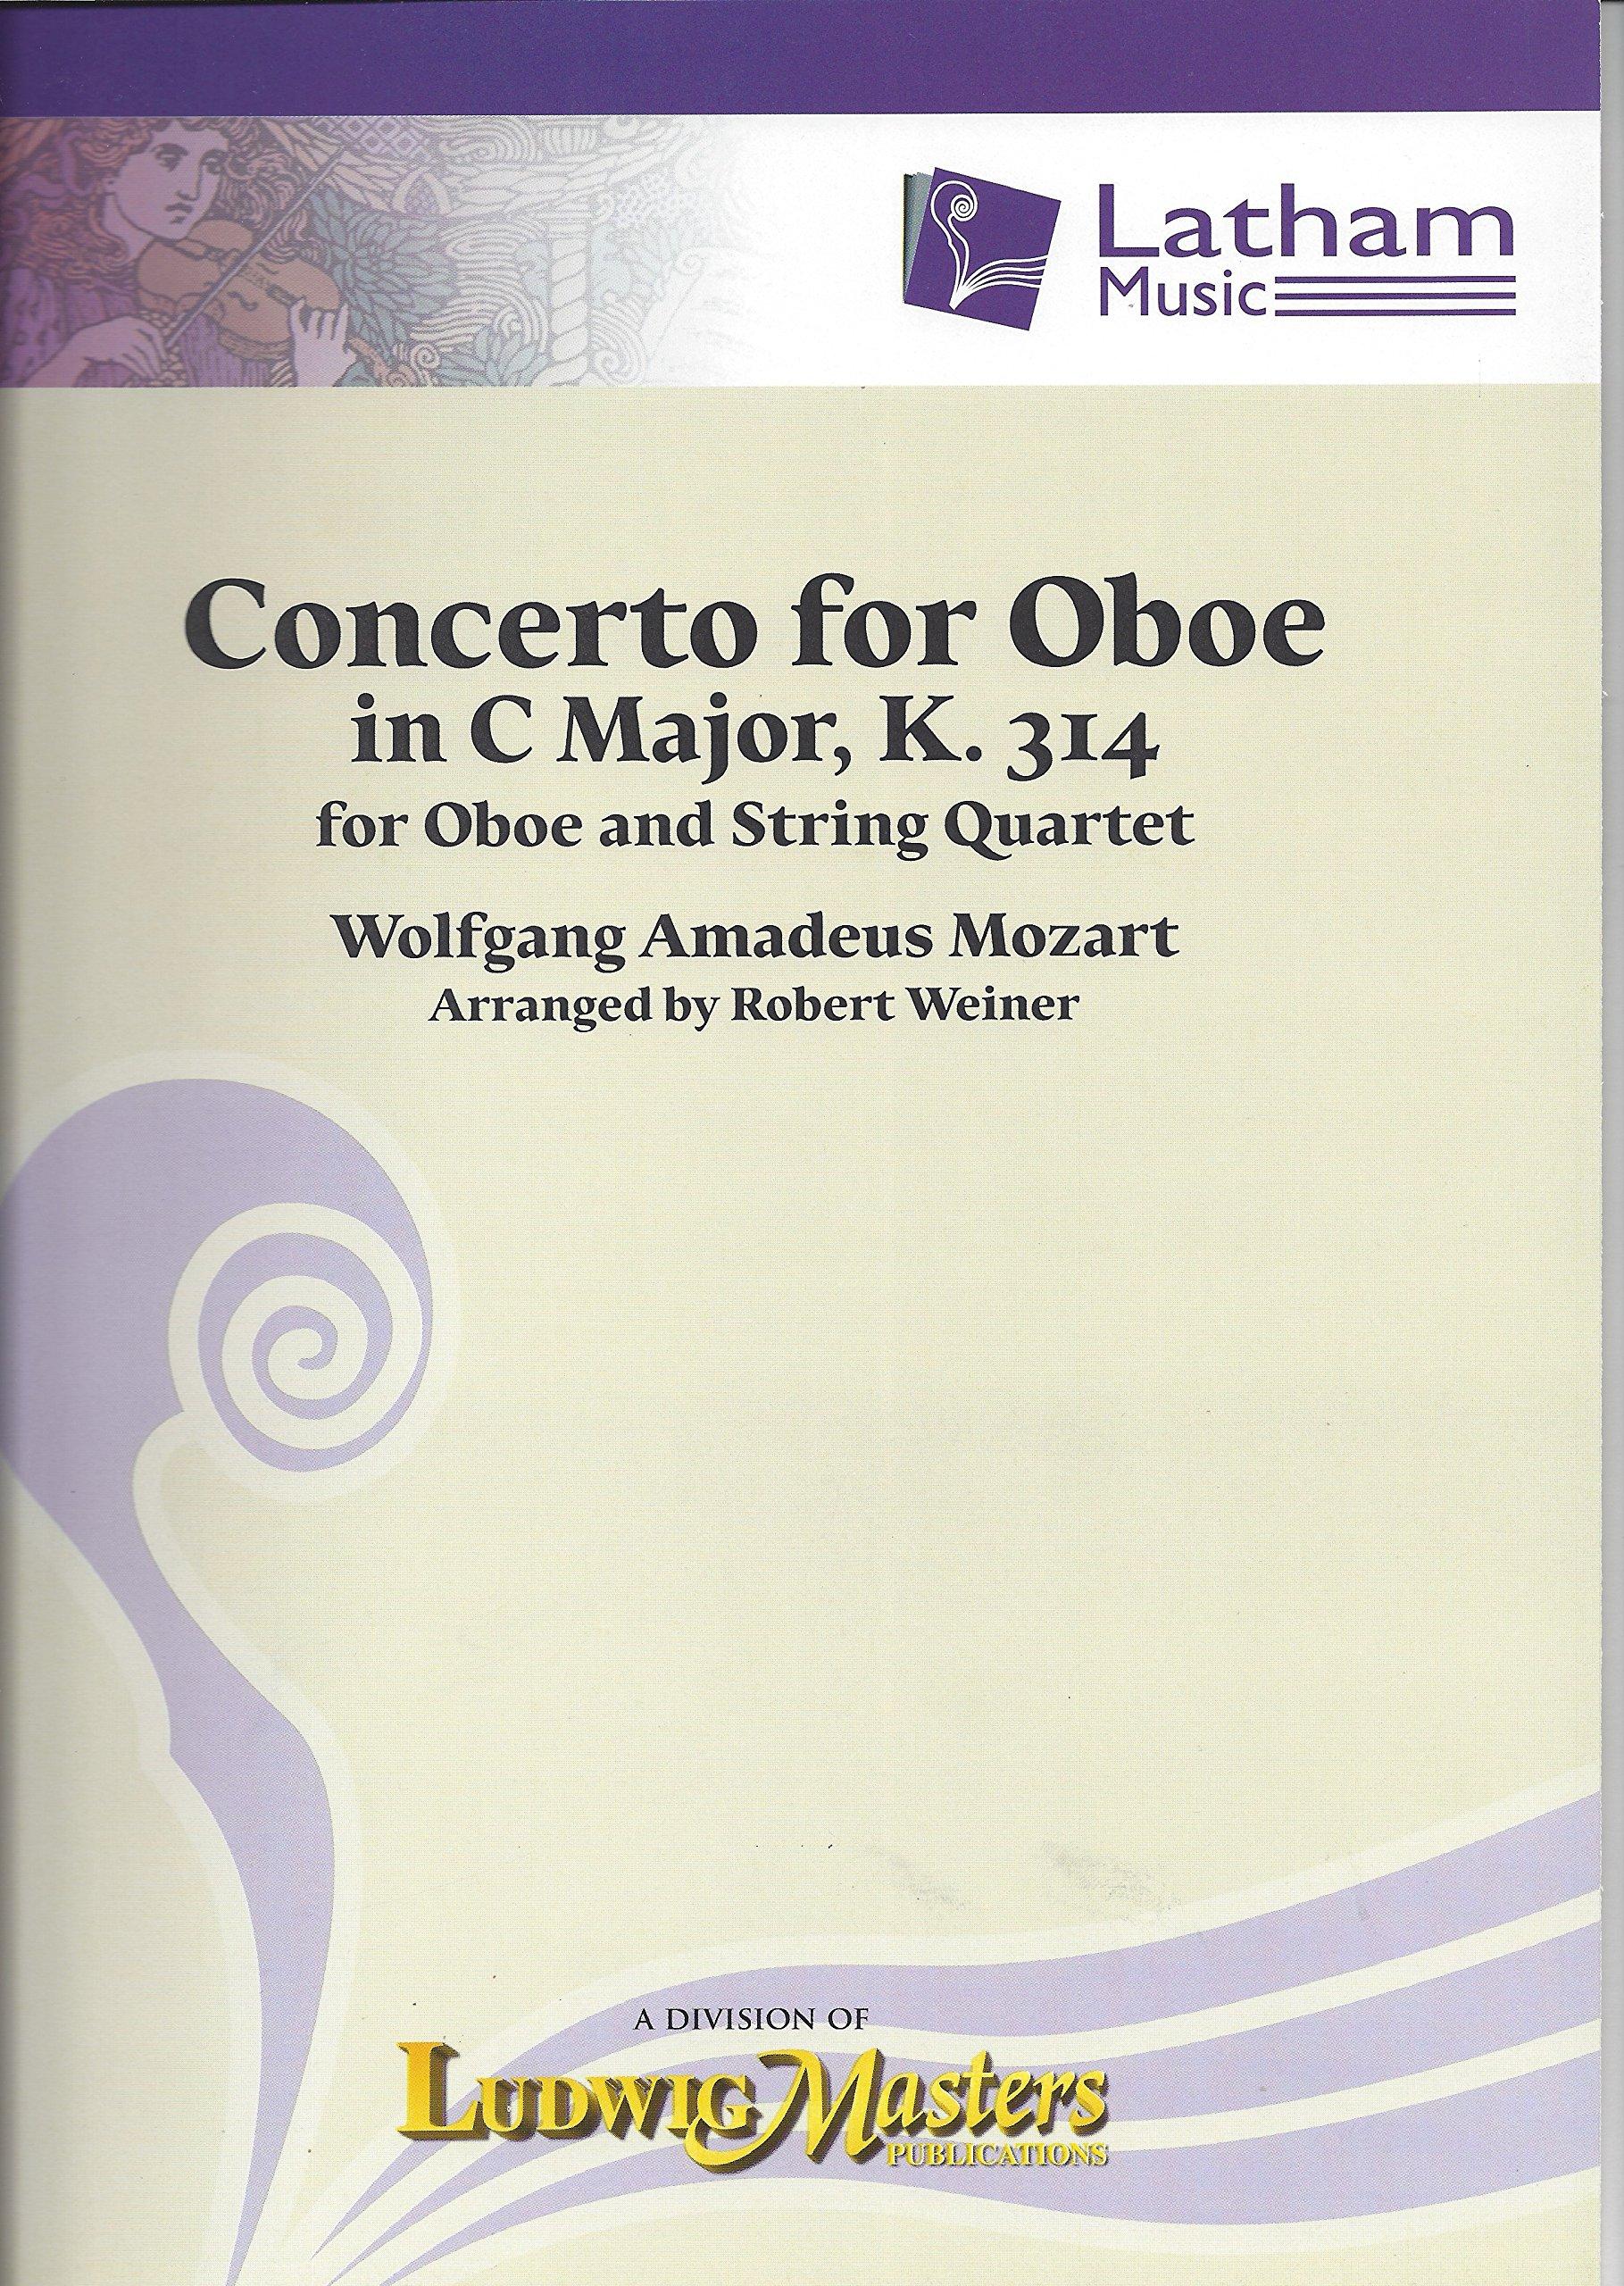 Concerto for Oboe for Oboe and String Quartet, K. 314